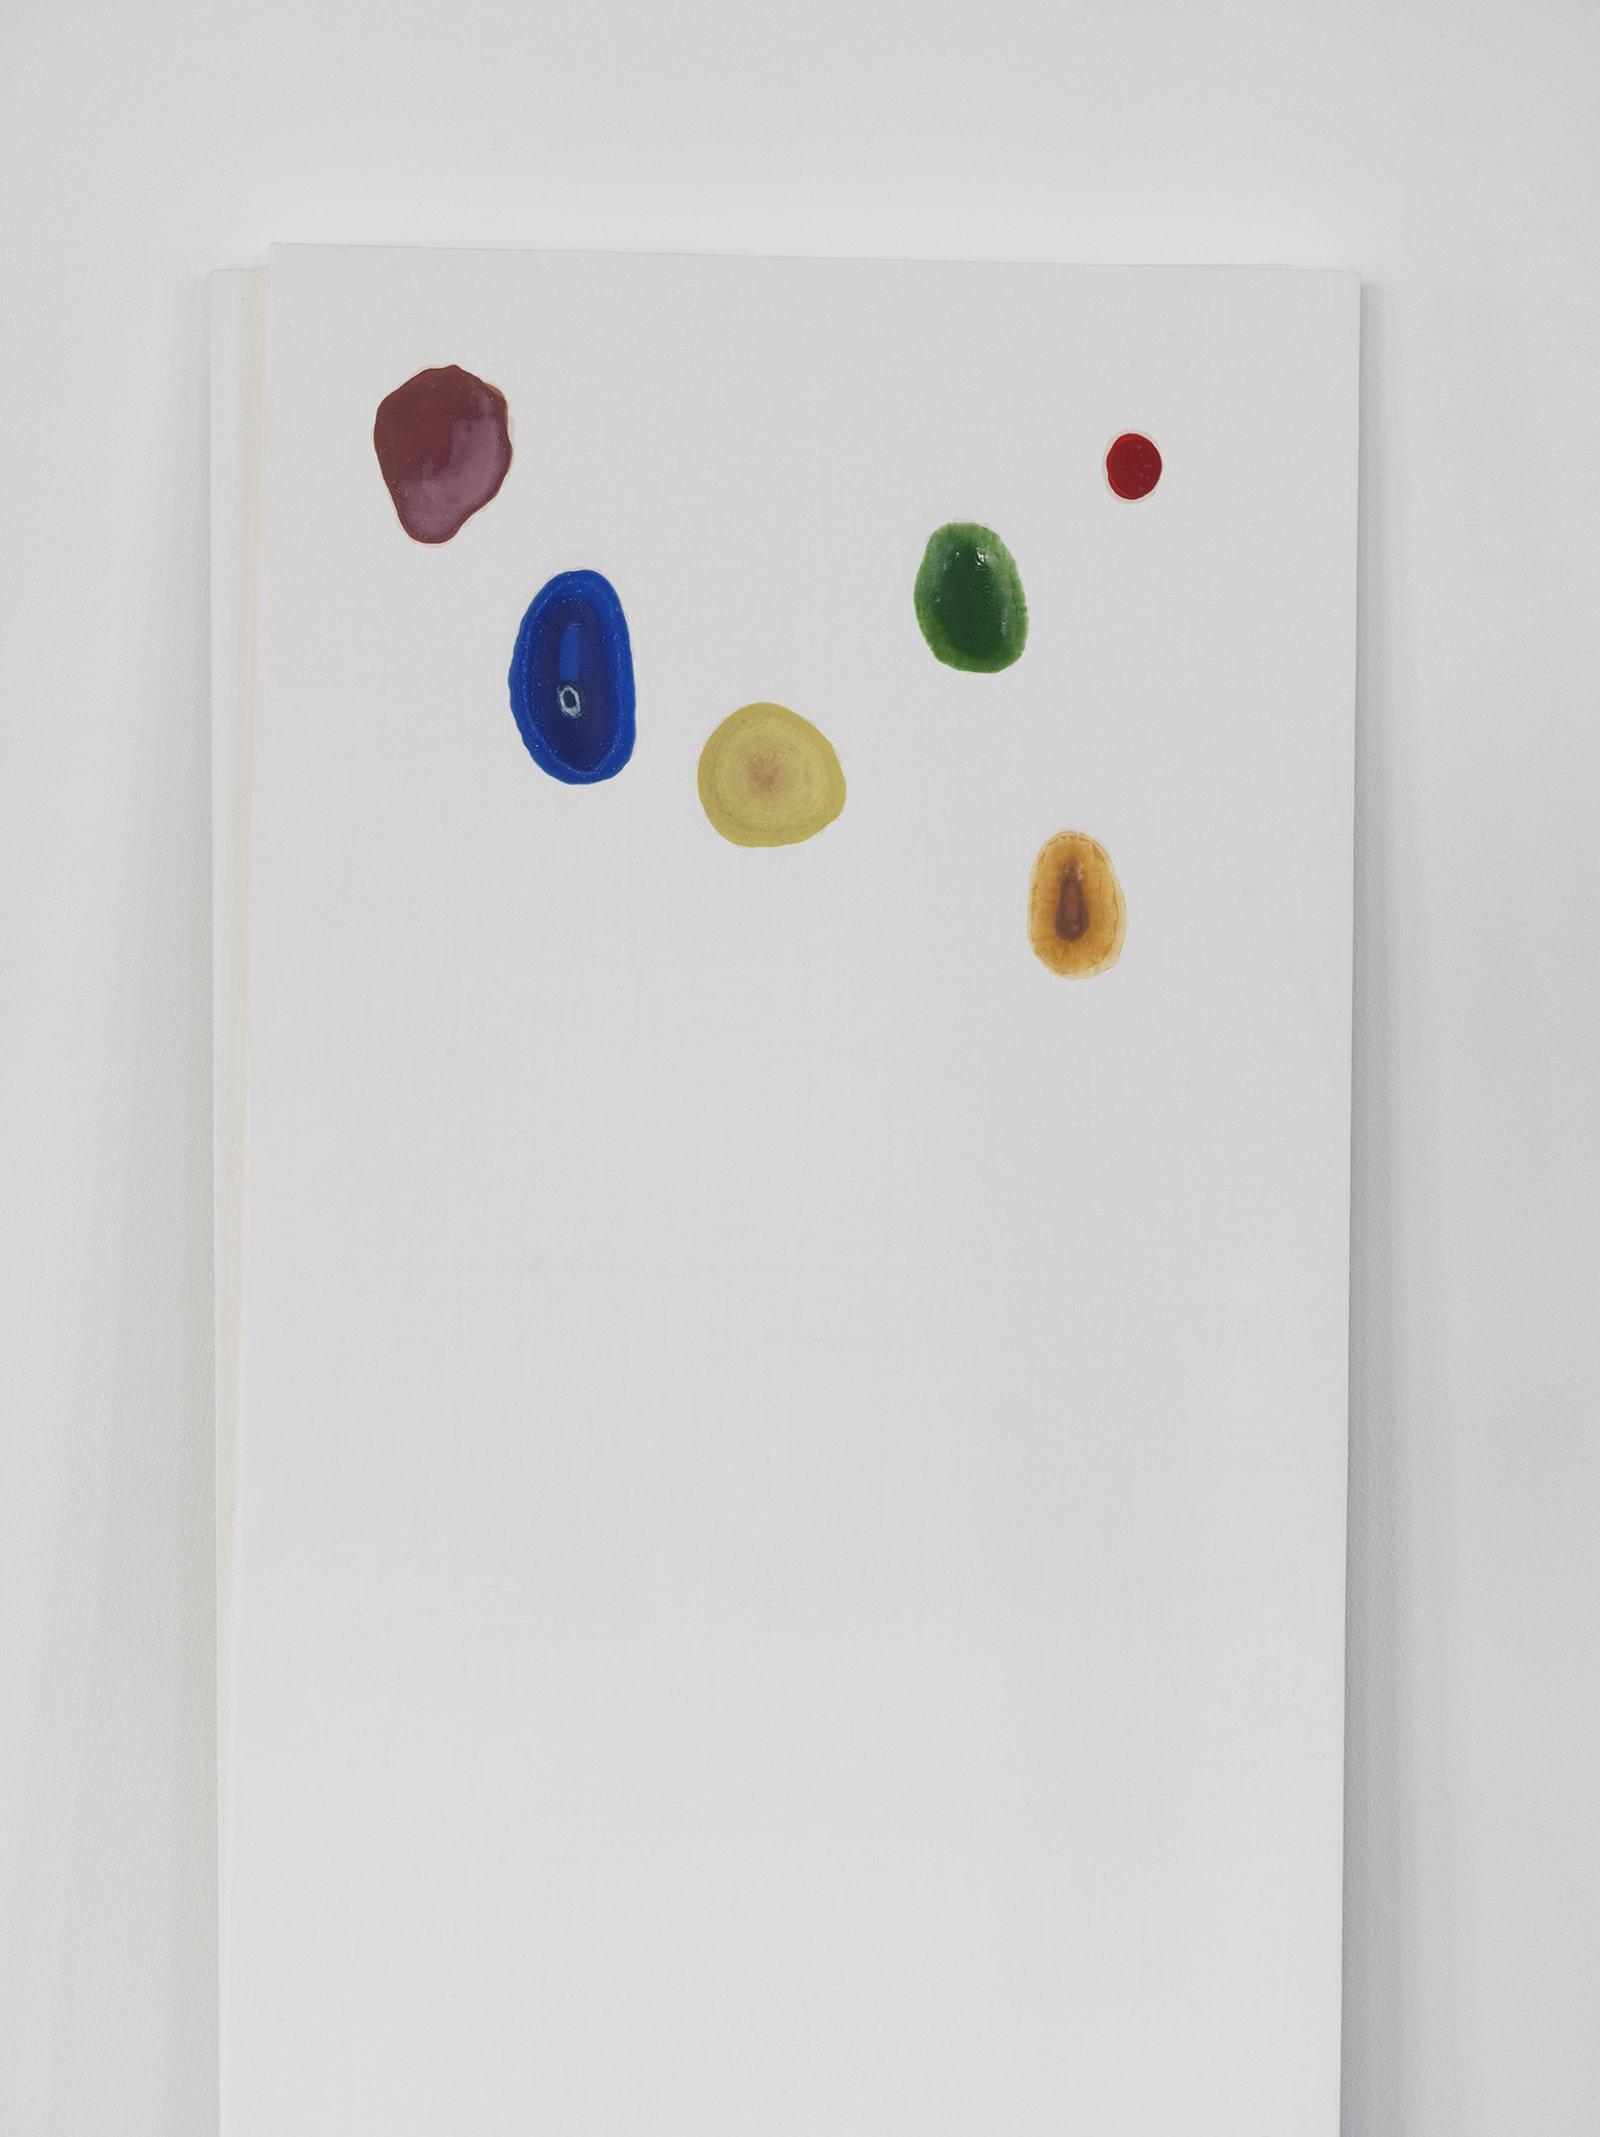 Christina Mackie, Chalk no. 5 (detail), 2014, birch, gesso, watercolour, 78 x 24 in. (198 x 62 cm)   by Christina Mackie